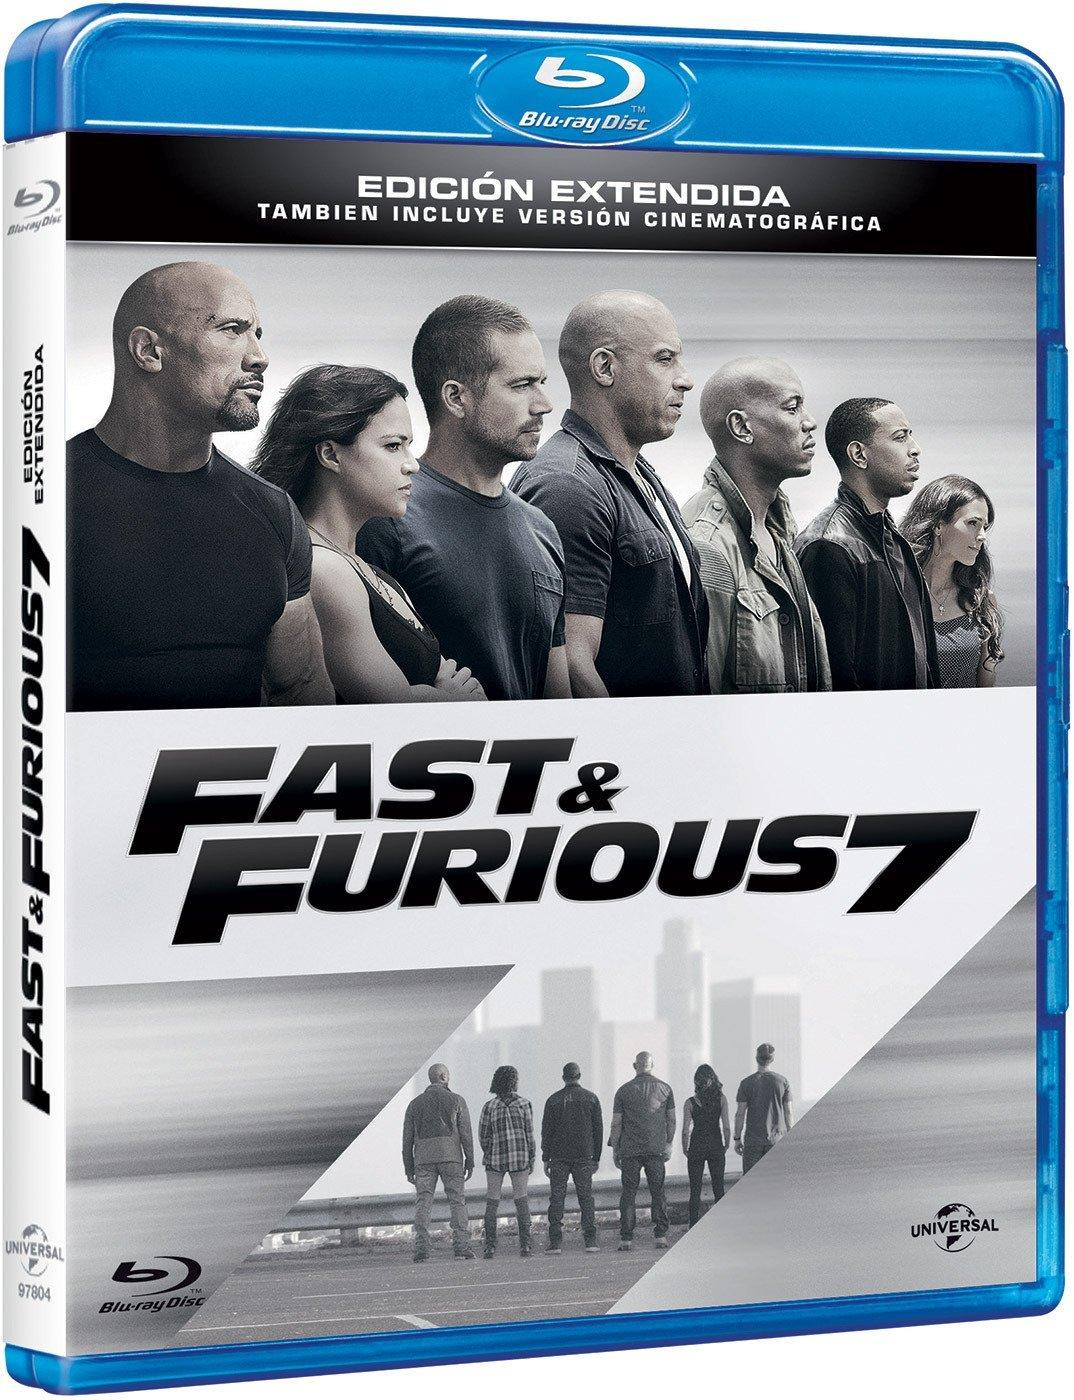 Rapidos y Furiosos 7 (2015) 1080p BD25 Cover Caratula Blu-ray